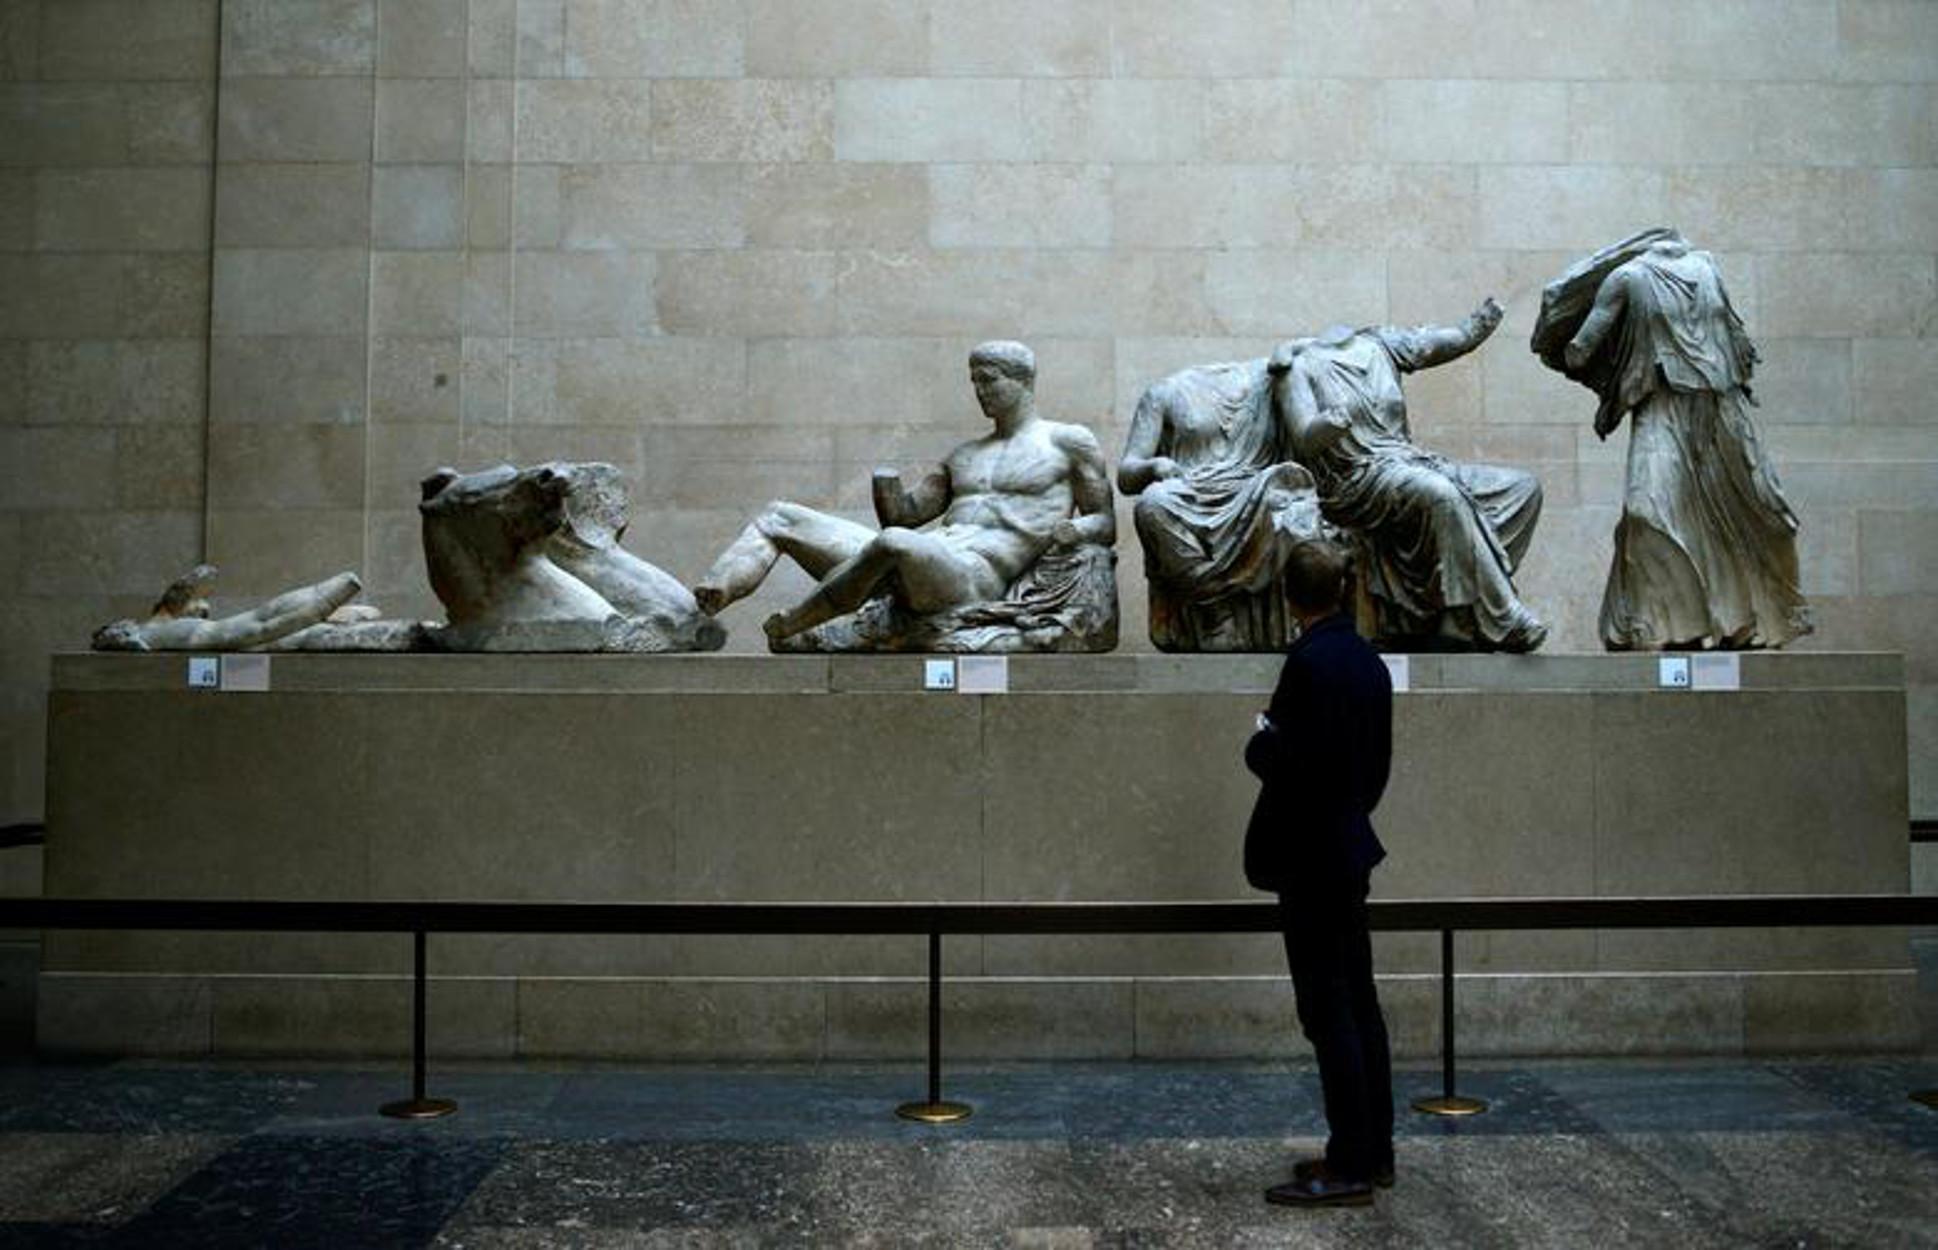 Βρετανικό Μουσείο: Μπορεί να δανείσουμε τα μάρμαρα του Παρθενώνα εάν υπάρξει αίτημα